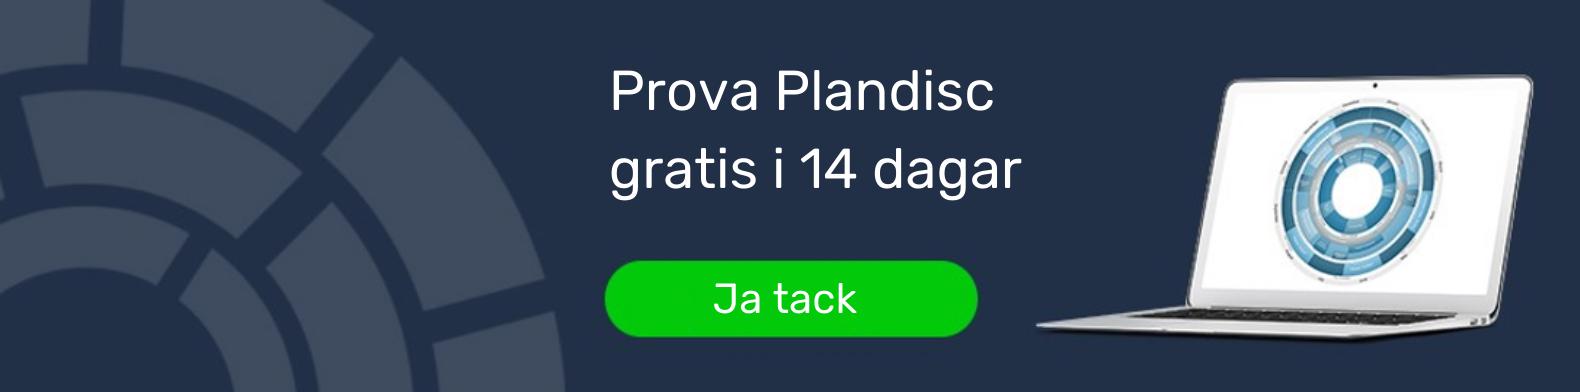 cta svensk